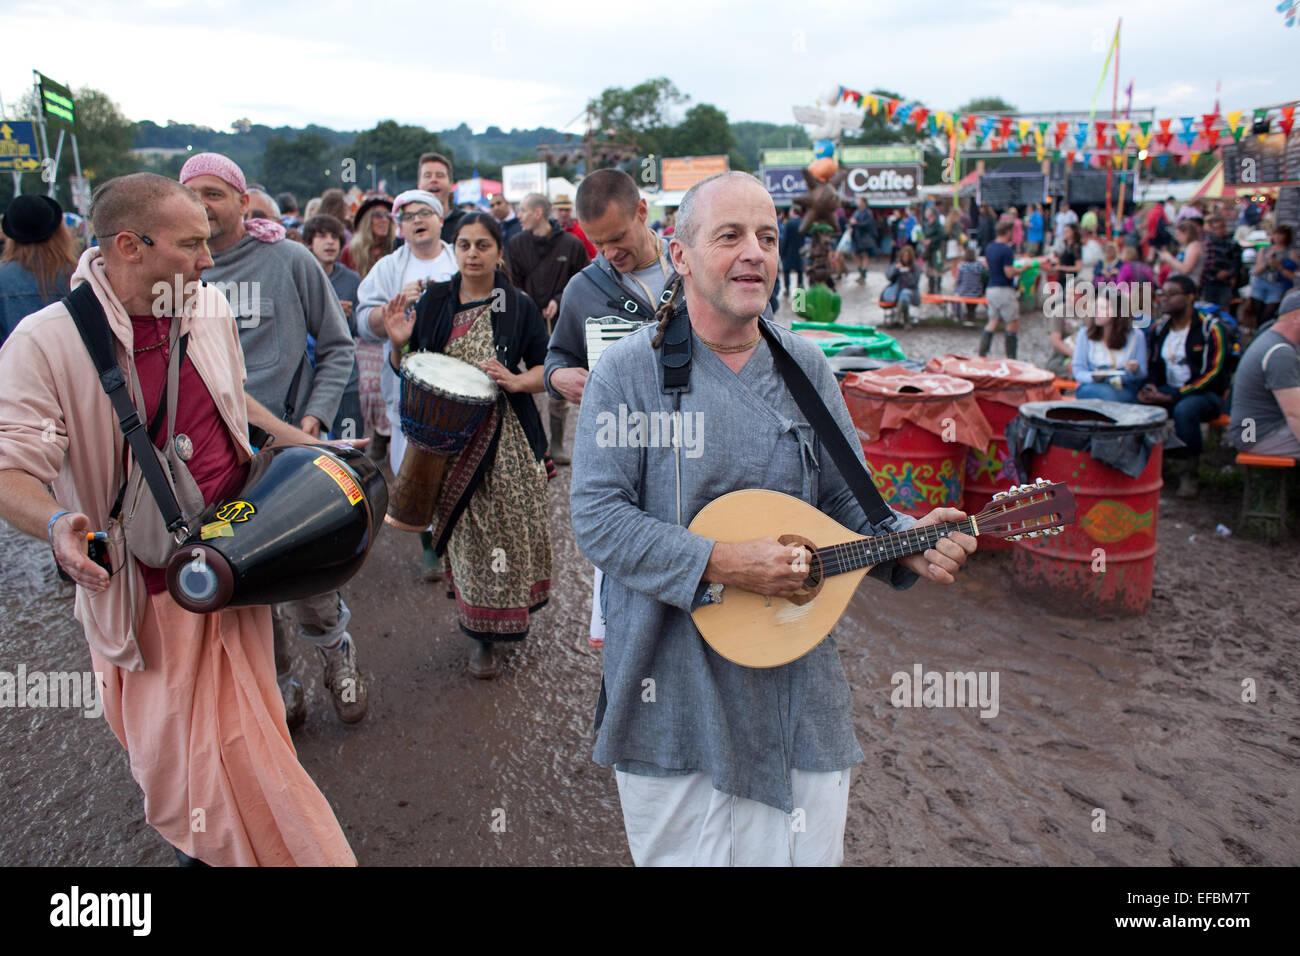 Il 28 giugno 2014. Hare Krishna vagare attraverso il festival il sabato pomeriggio. Immagini Stock